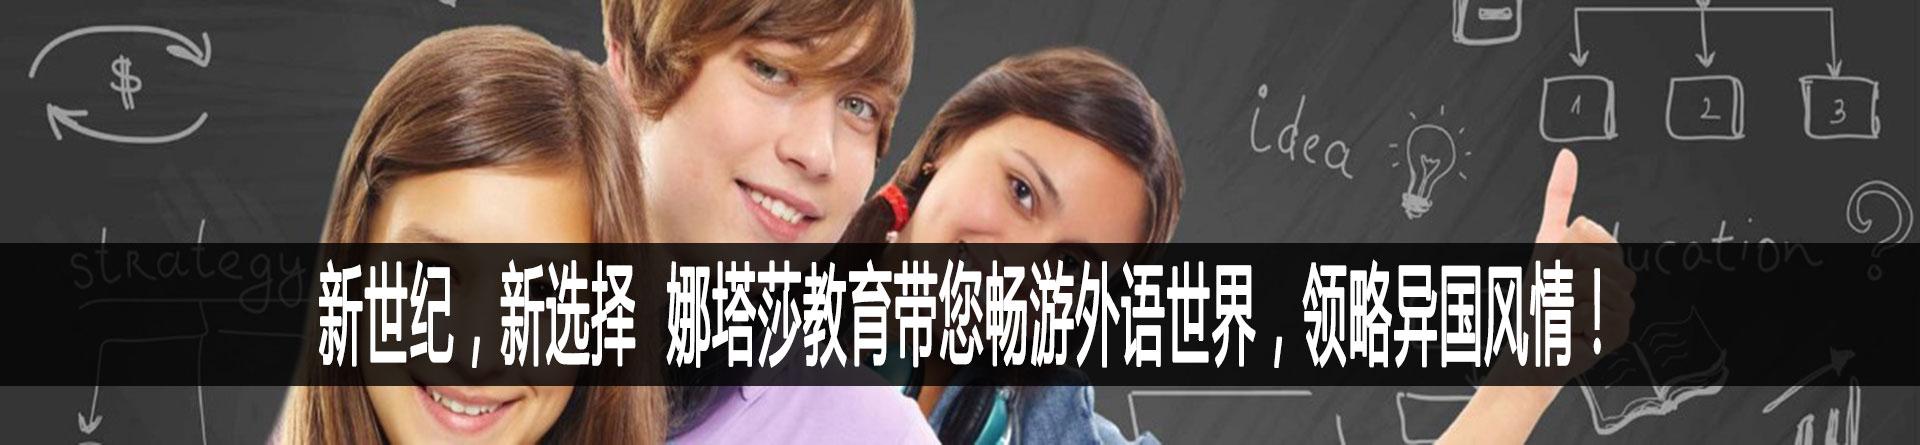 郑州娜塔莎教育